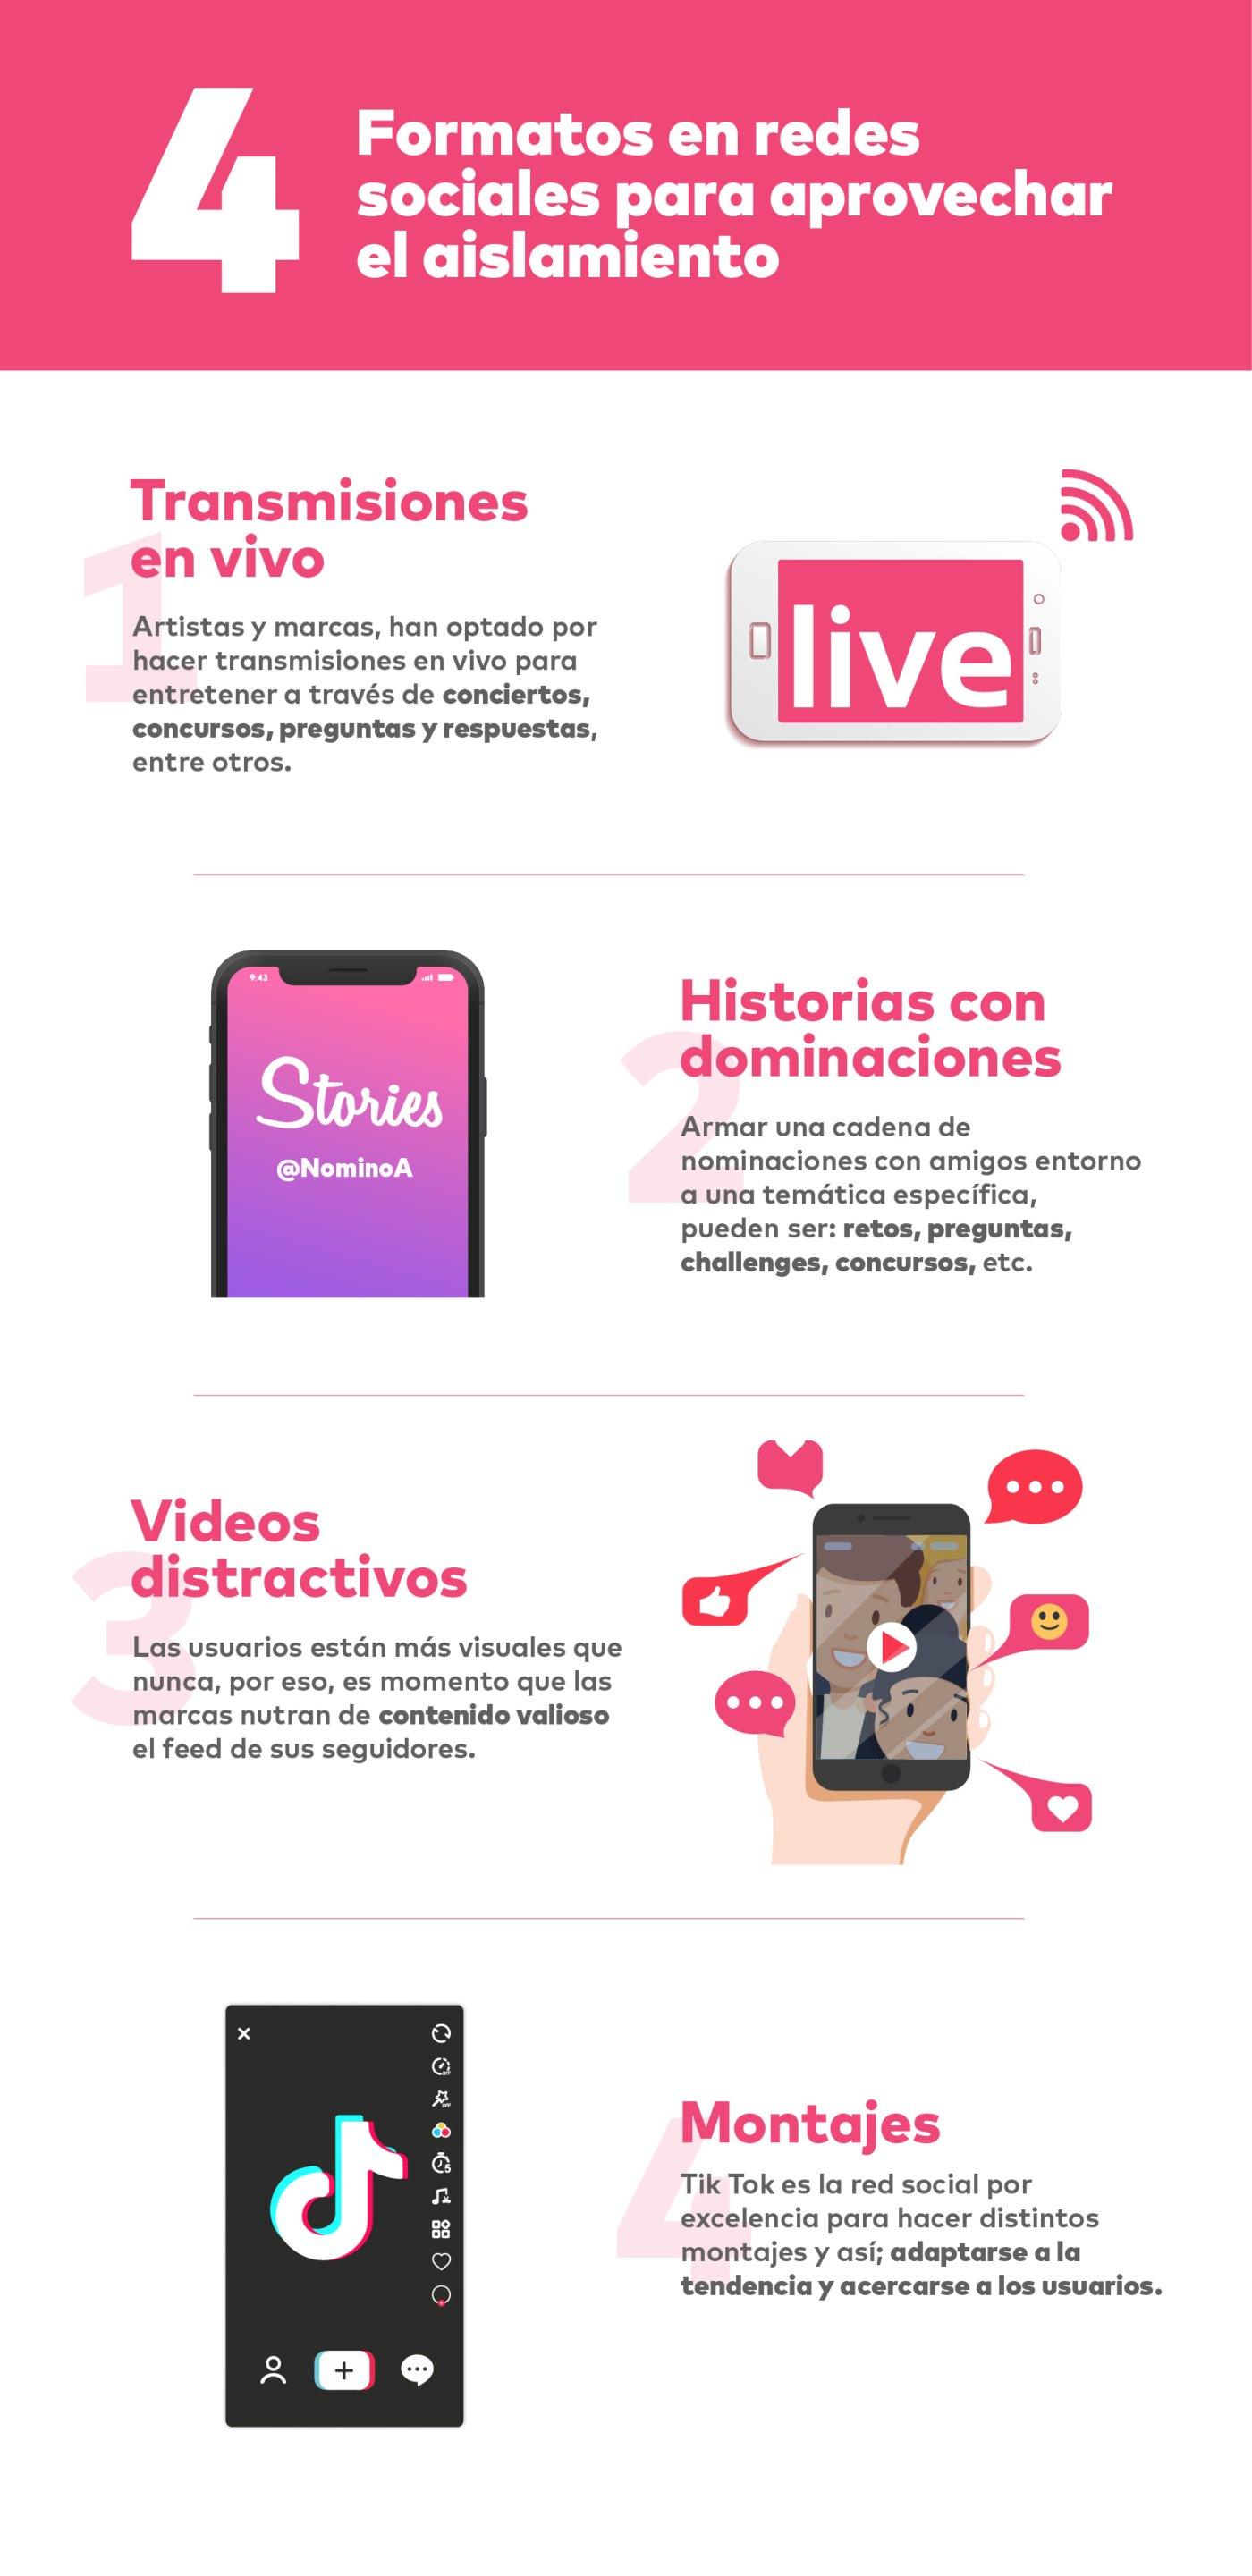 formatos de redes sociales en cuarentena